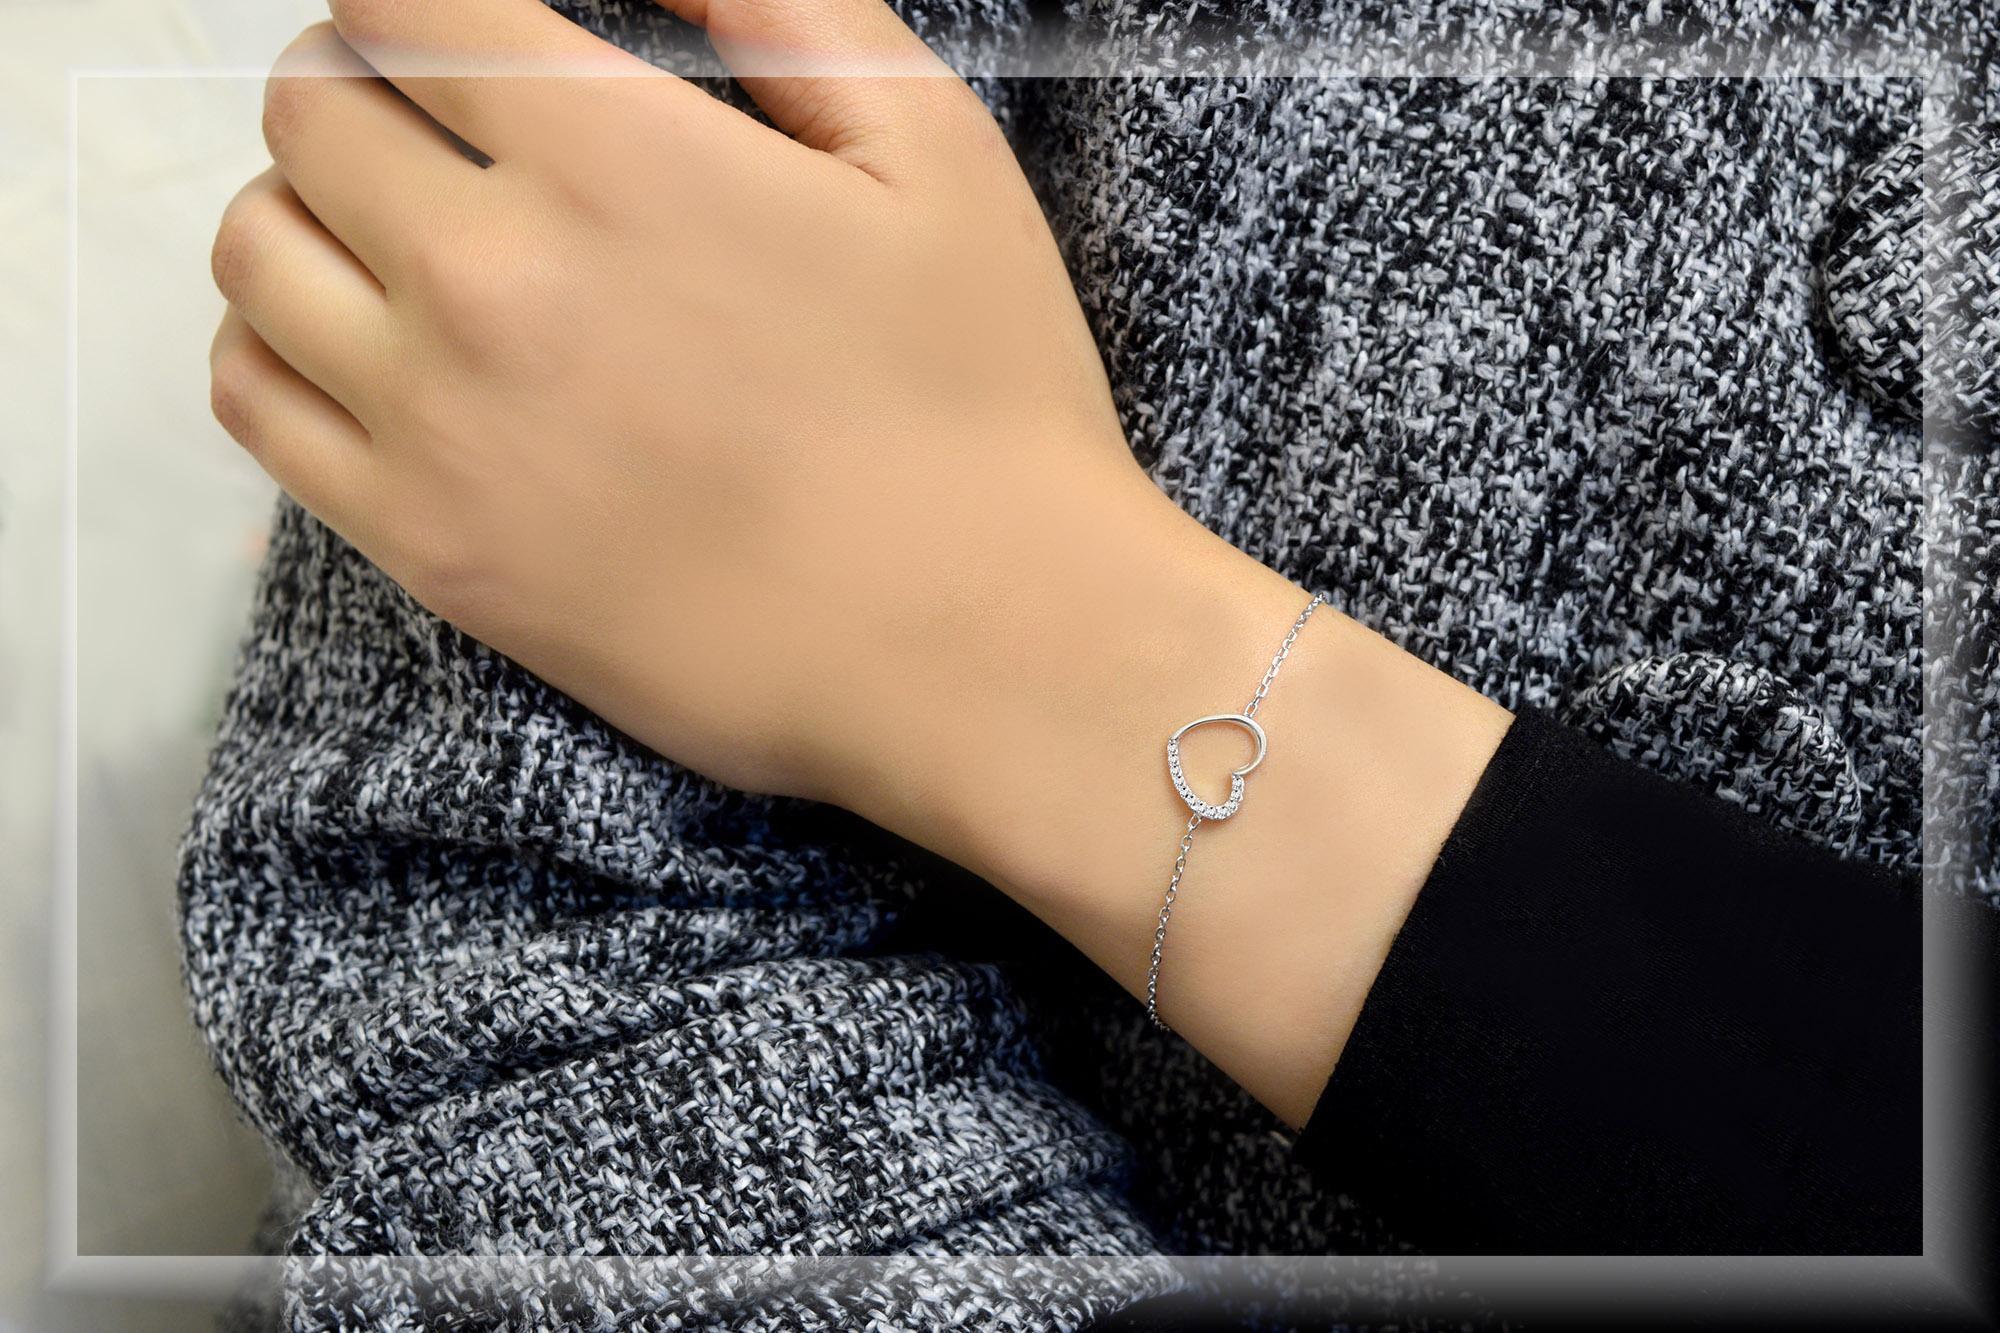 دستبند نقره دخترانه طرح قلب ds-n309 از نماي نزديك